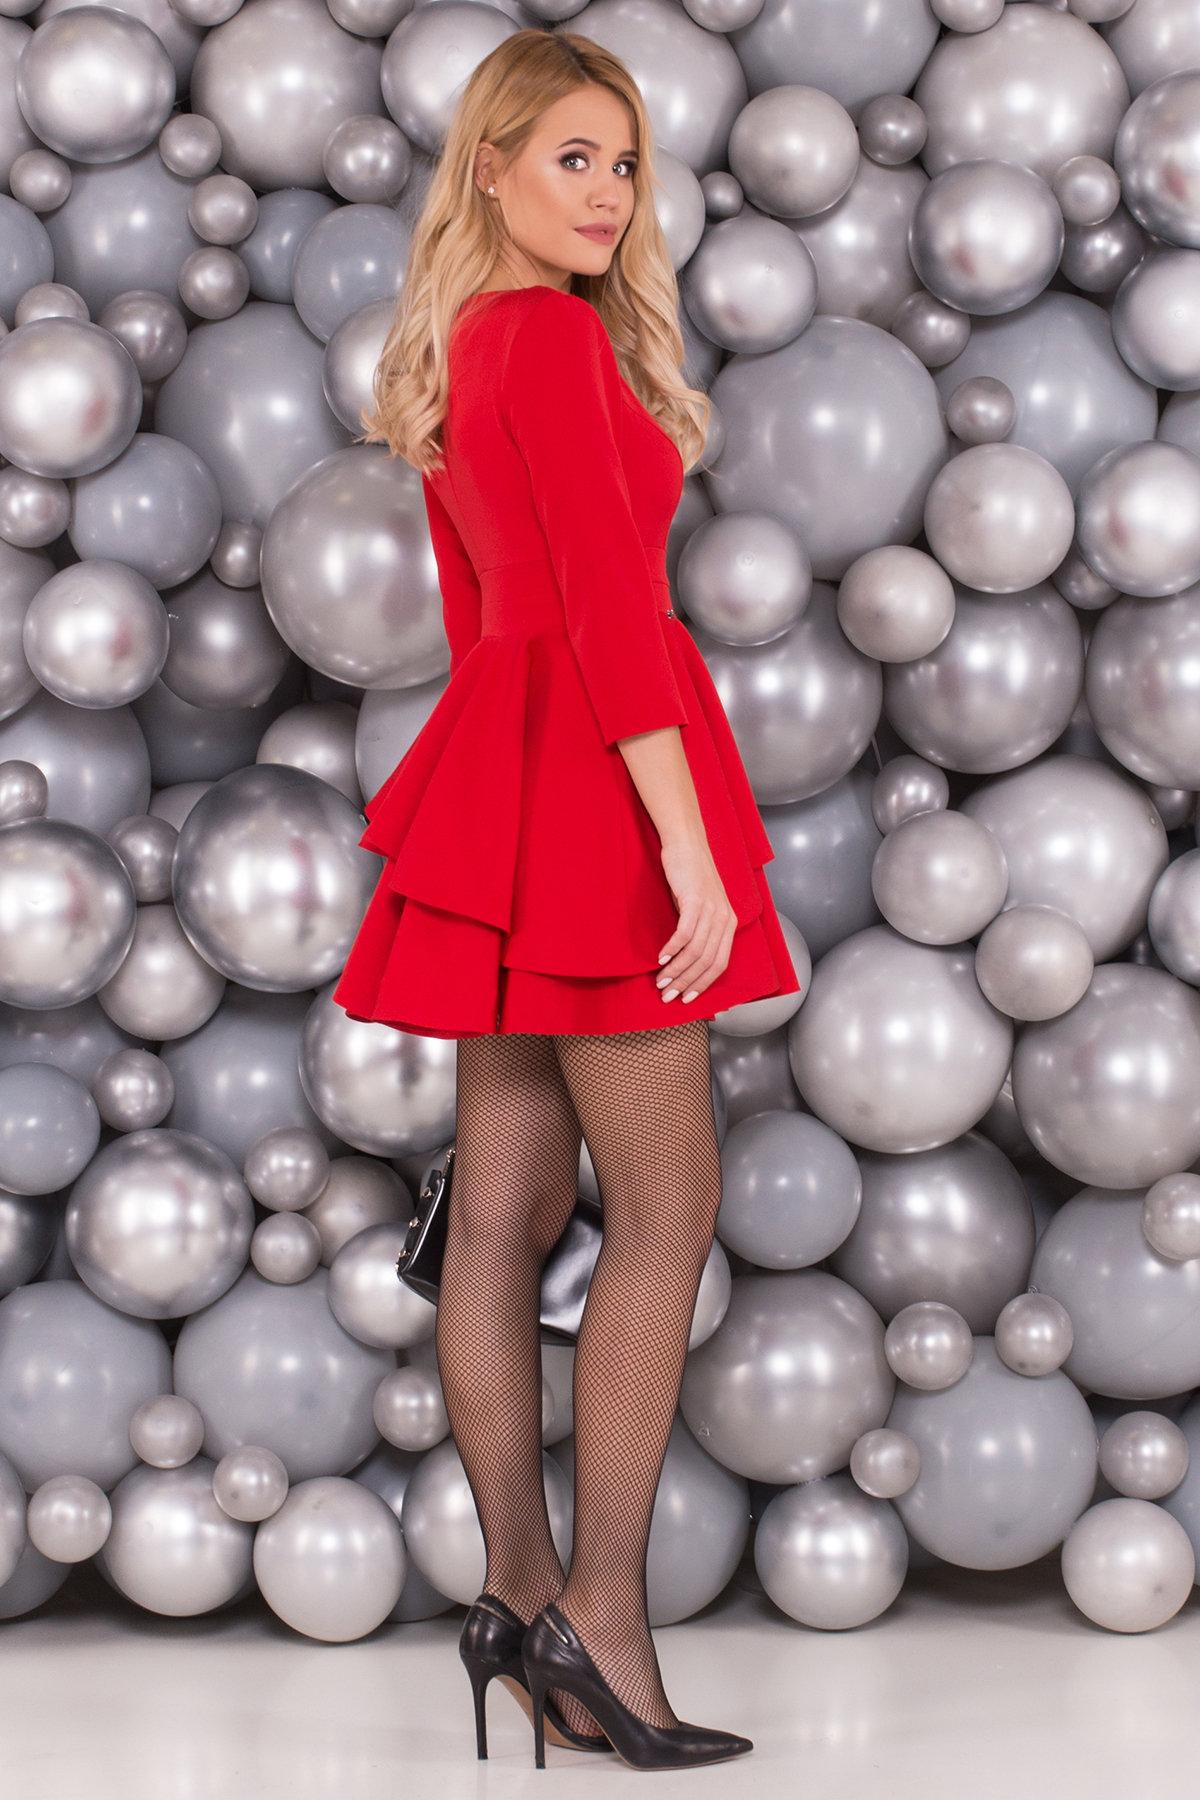 Платье Симур 5913 АРТ. 40634 Цвет: Красный - фото 2, интернет магазин tm-modus.ru